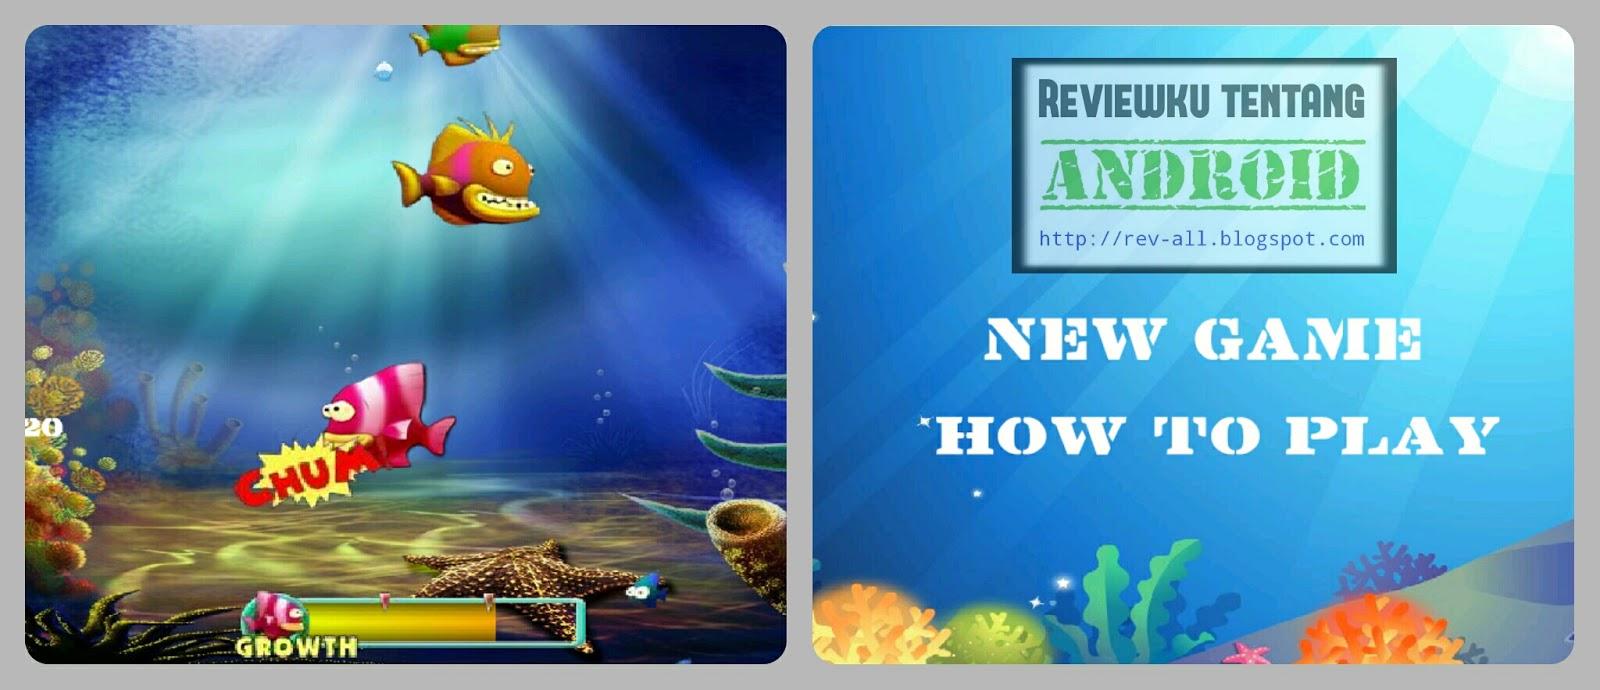 Screenshot permainan Feeding Frenzy android berukuran kecil (rev-all.blogspot.com)